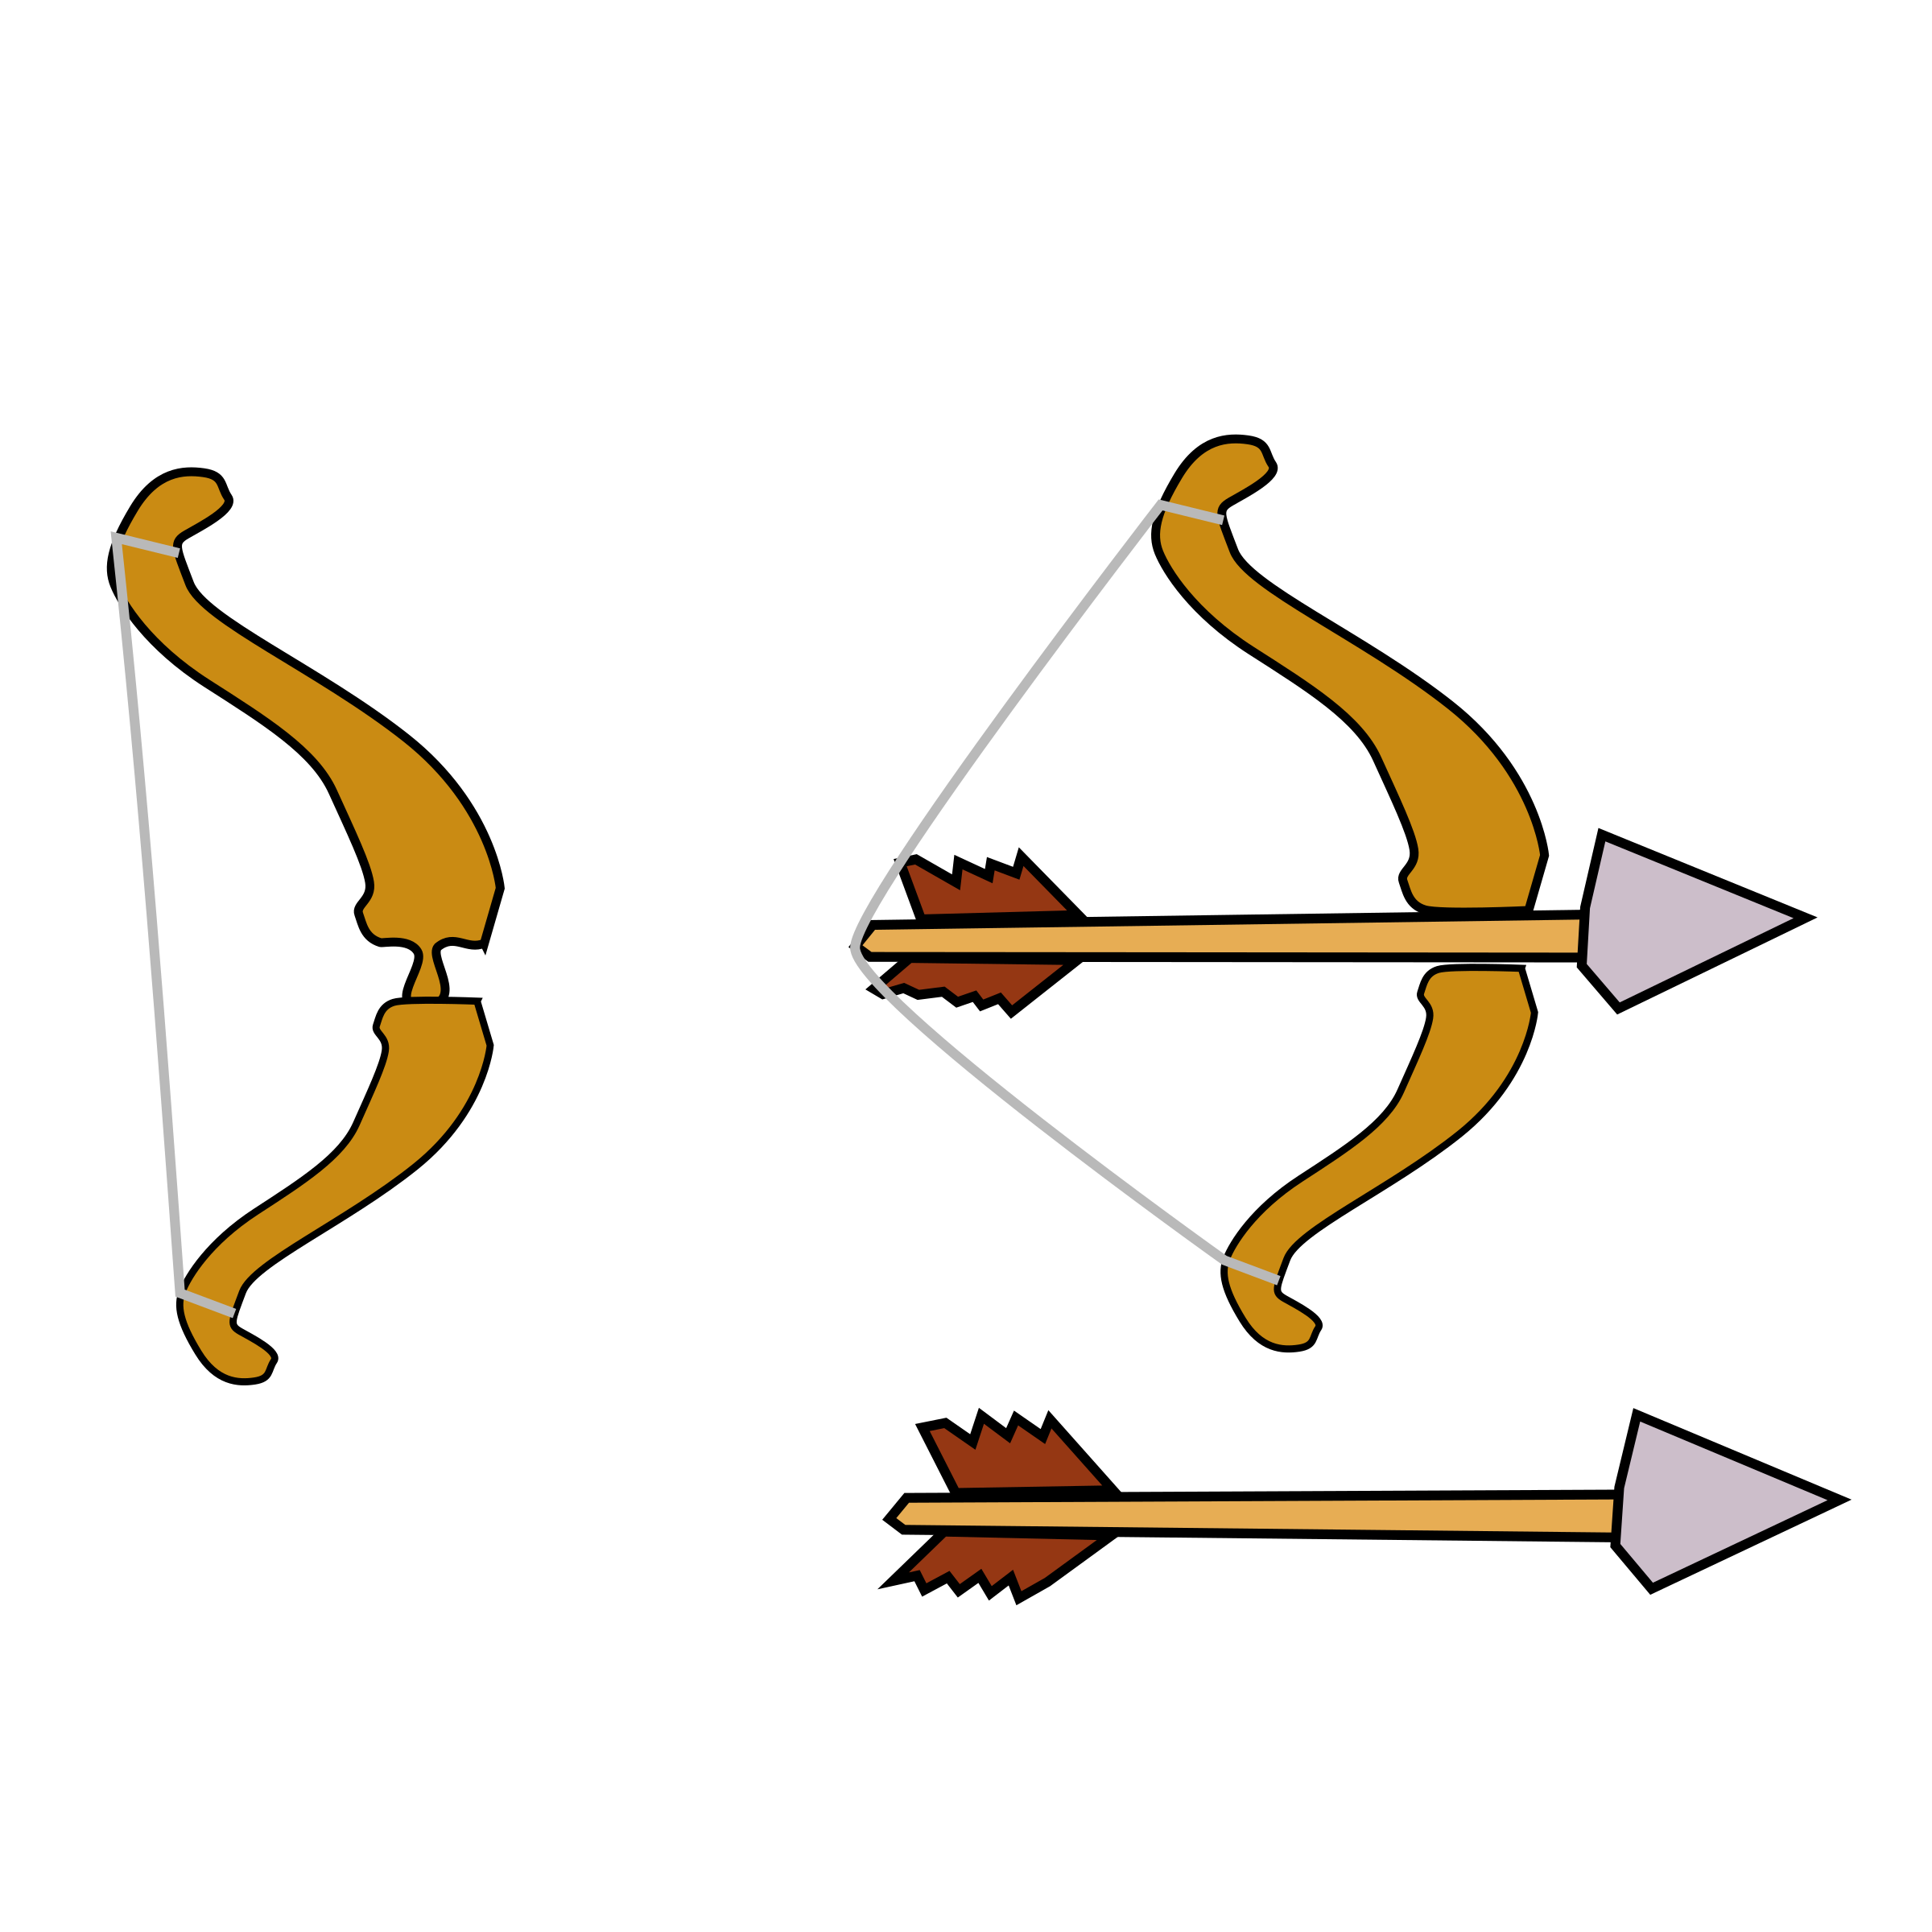 Bow and Arrow Clipart #29585-Bow and Arrow Clipart #29585-17